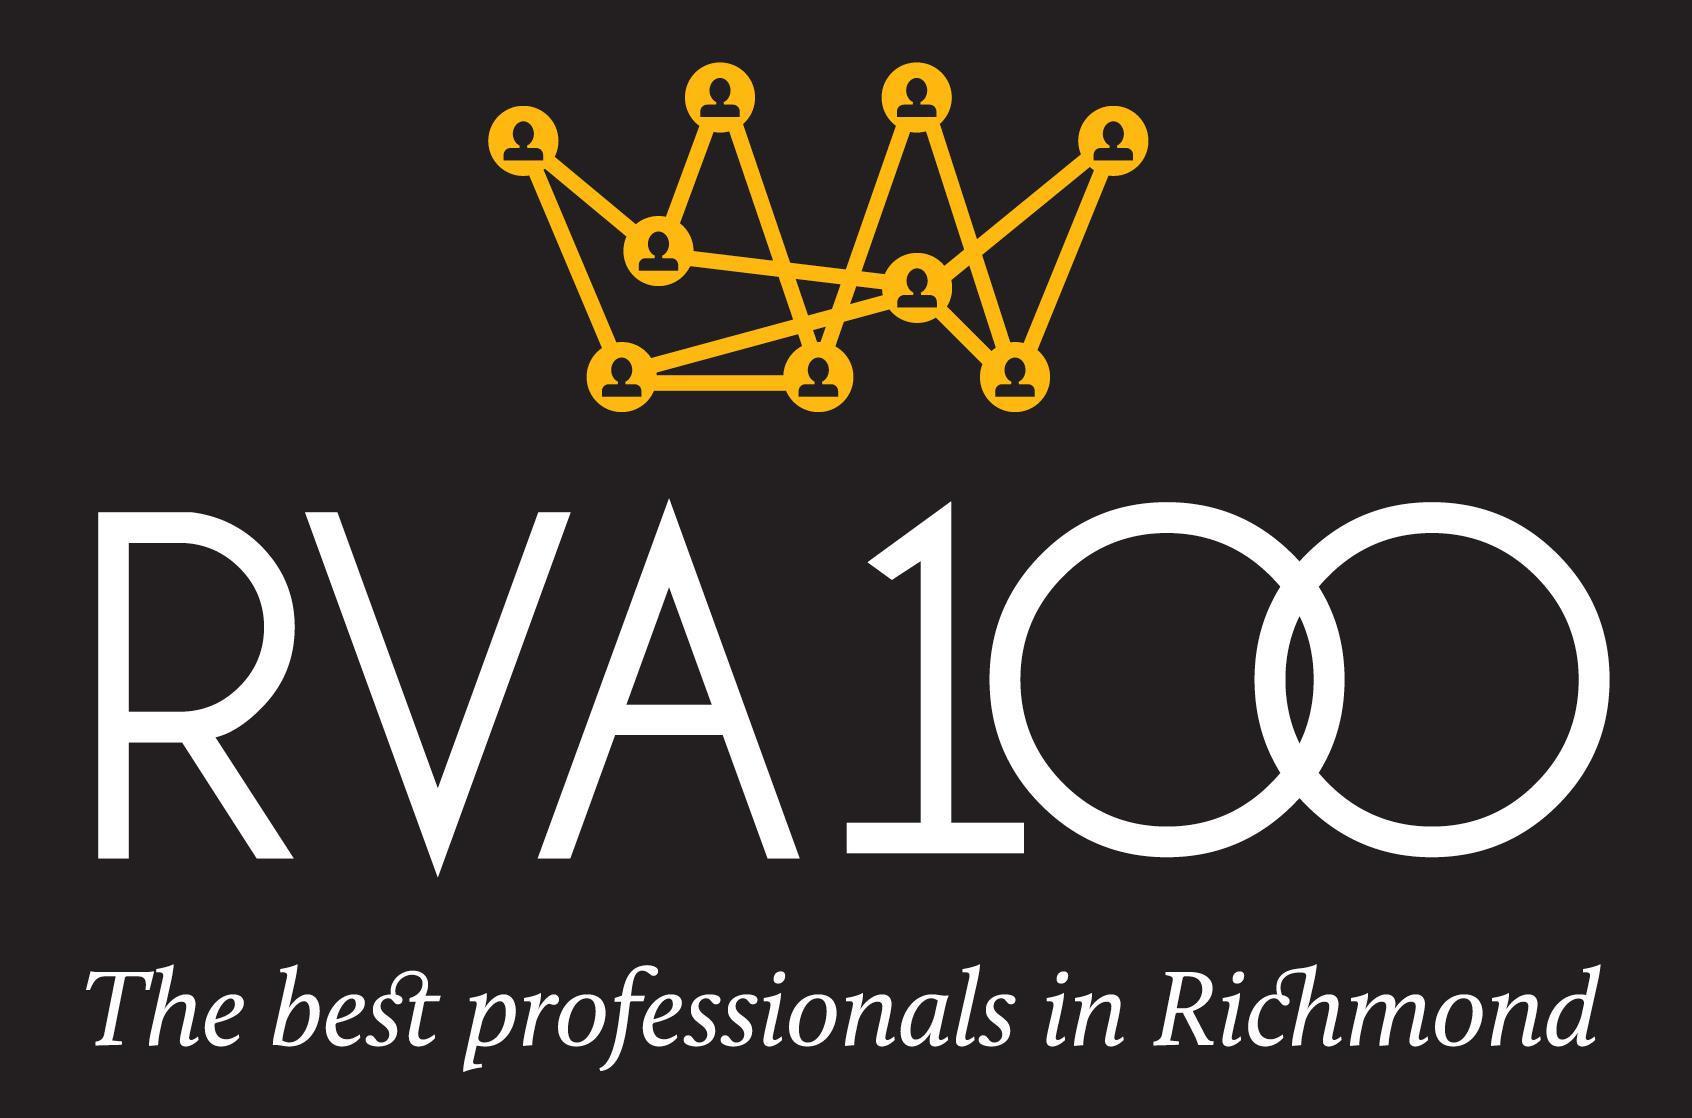 003 - RVA100